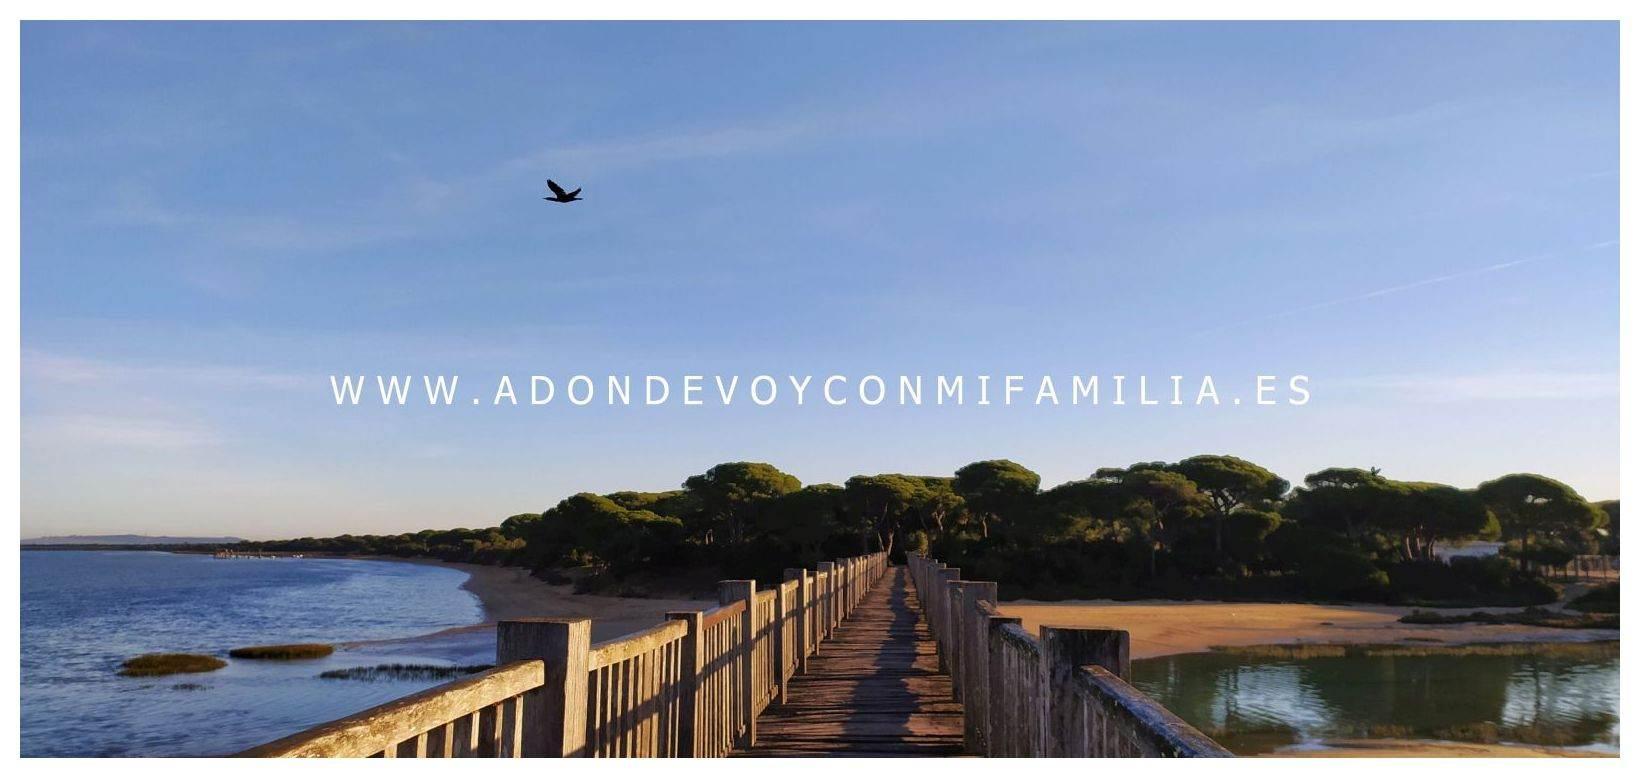 sendero-pinar-de-la-algaida-Adondevoyconmifamilia-06